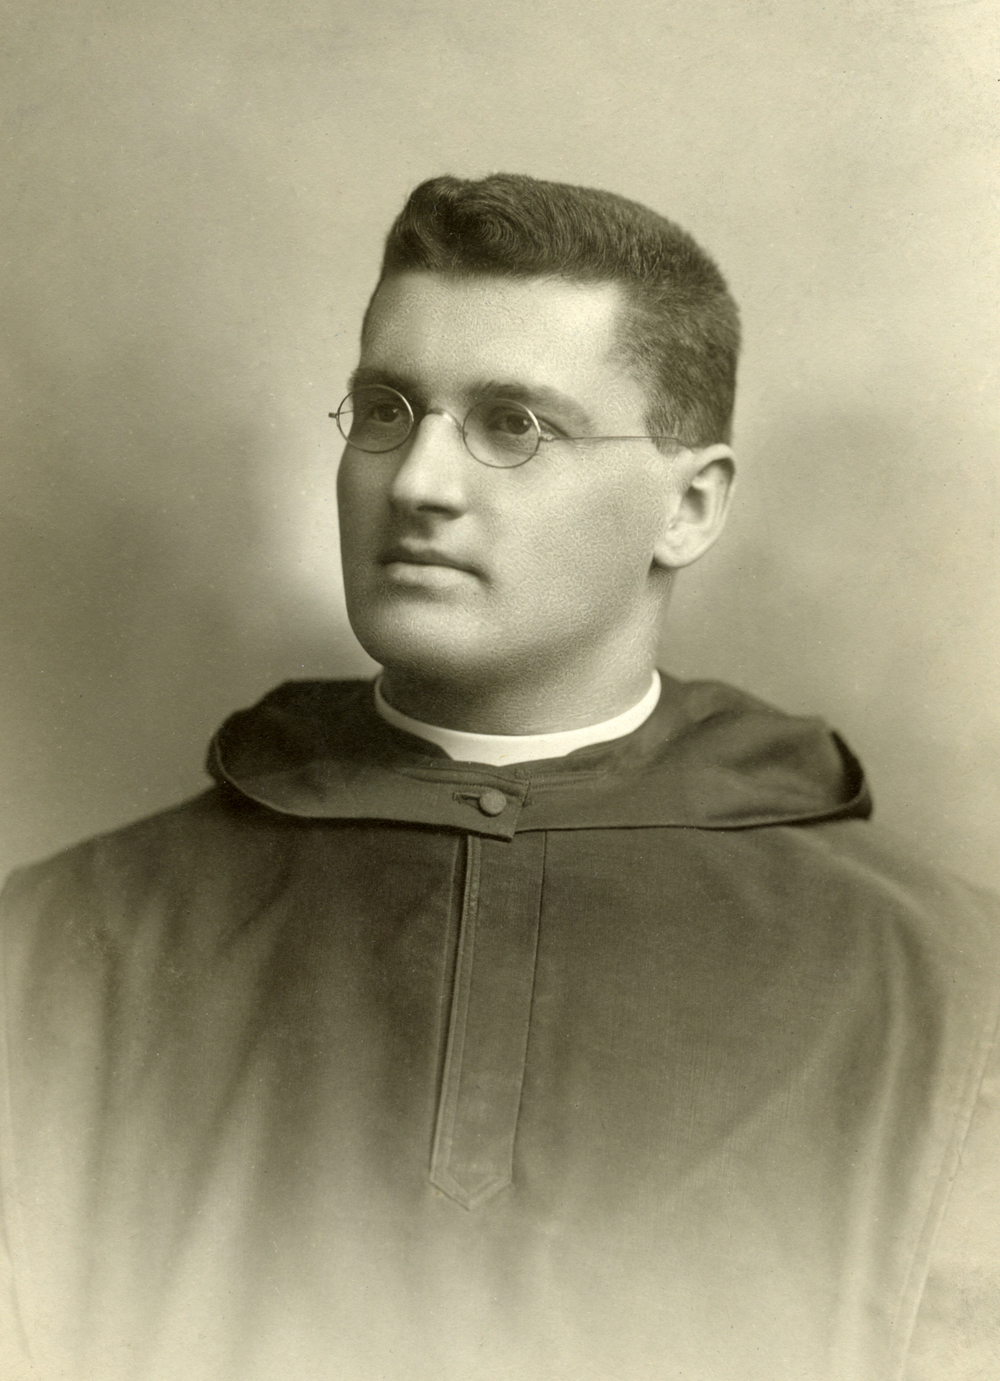 Fr. Walter Stehle, O.S.B.